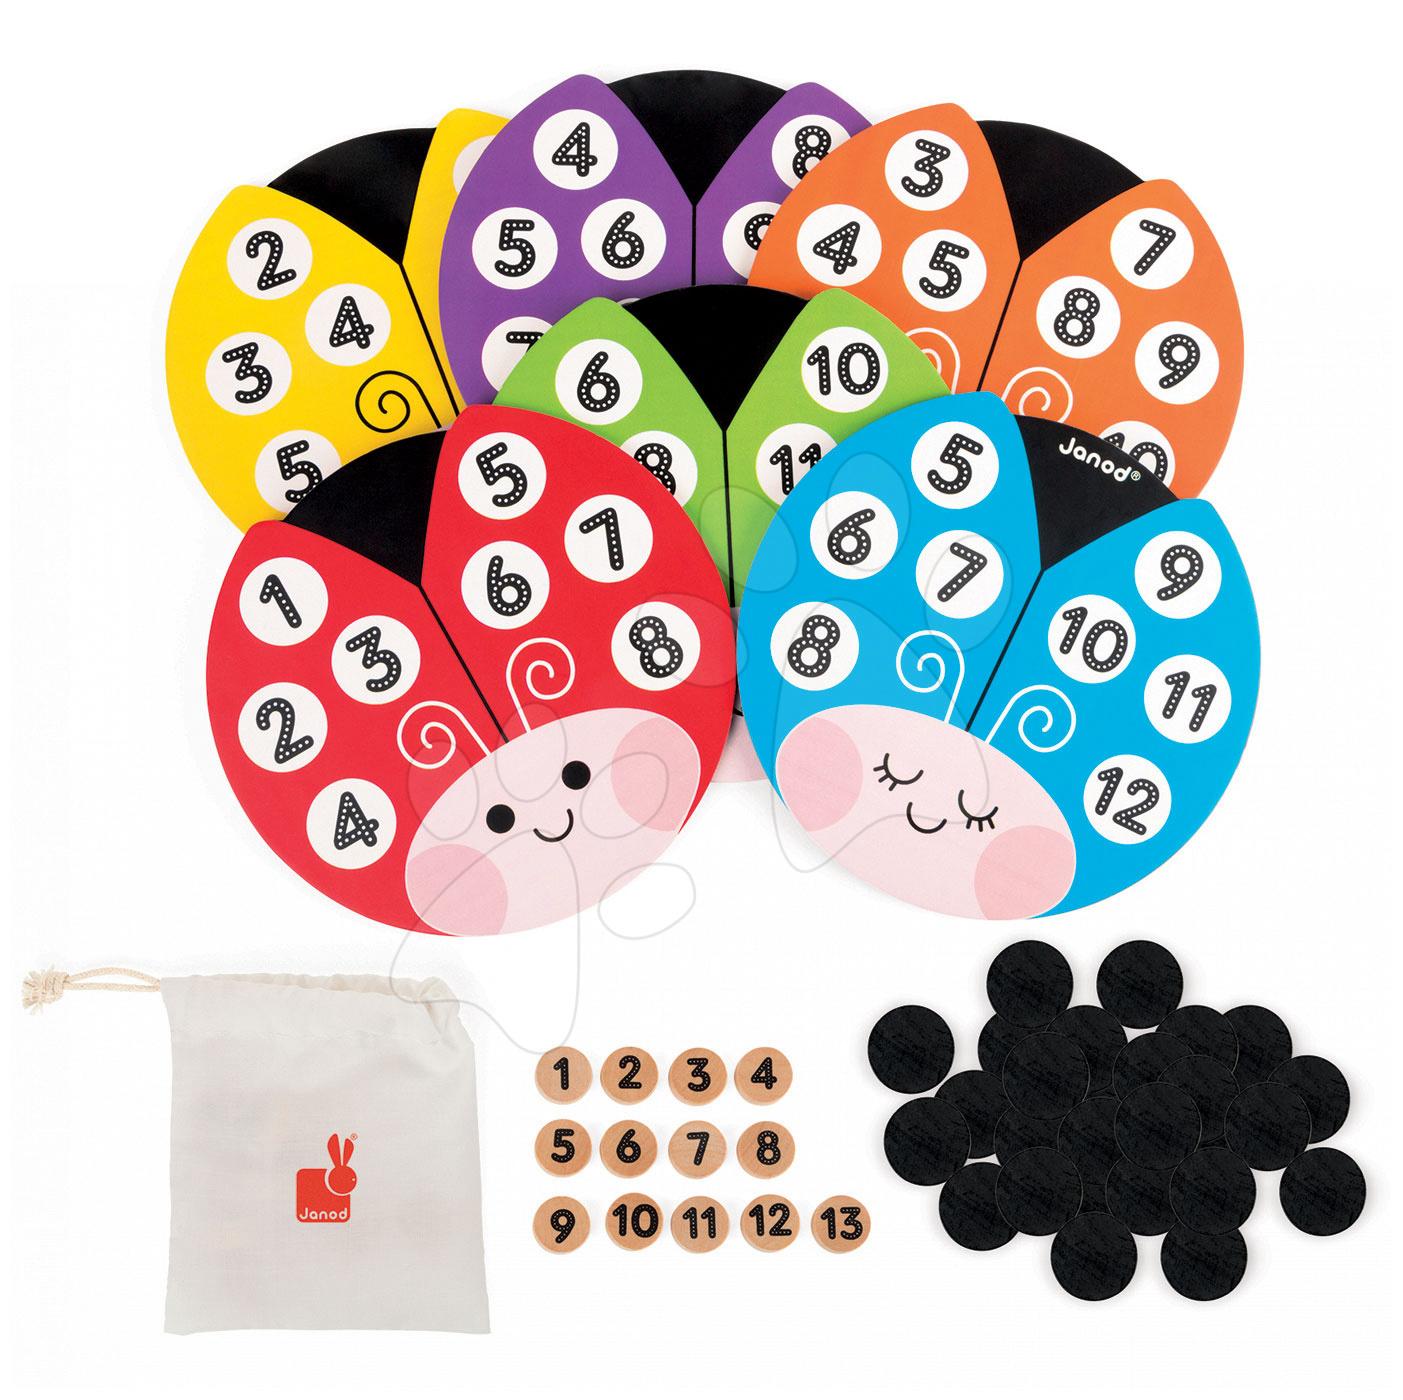 Společenská hra Loto Coccicolor Bingo Game Janod 6 hracích karet, 13 dřevěných žetonů a 48 černých žetonů od 3 let